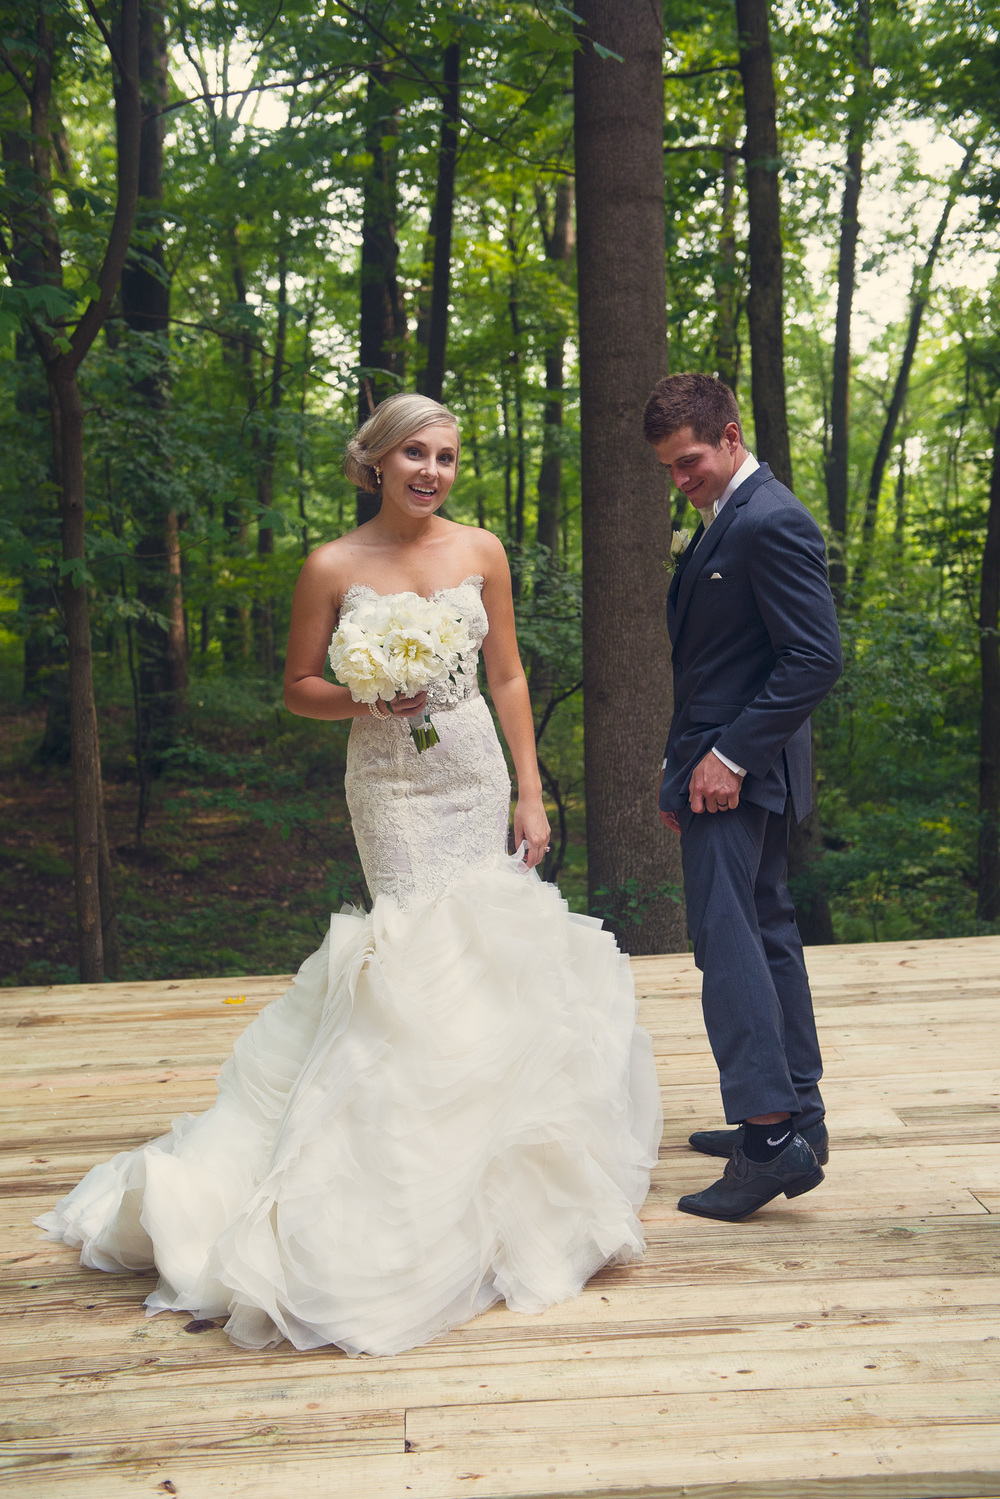 bride groom suit forest background nike socks